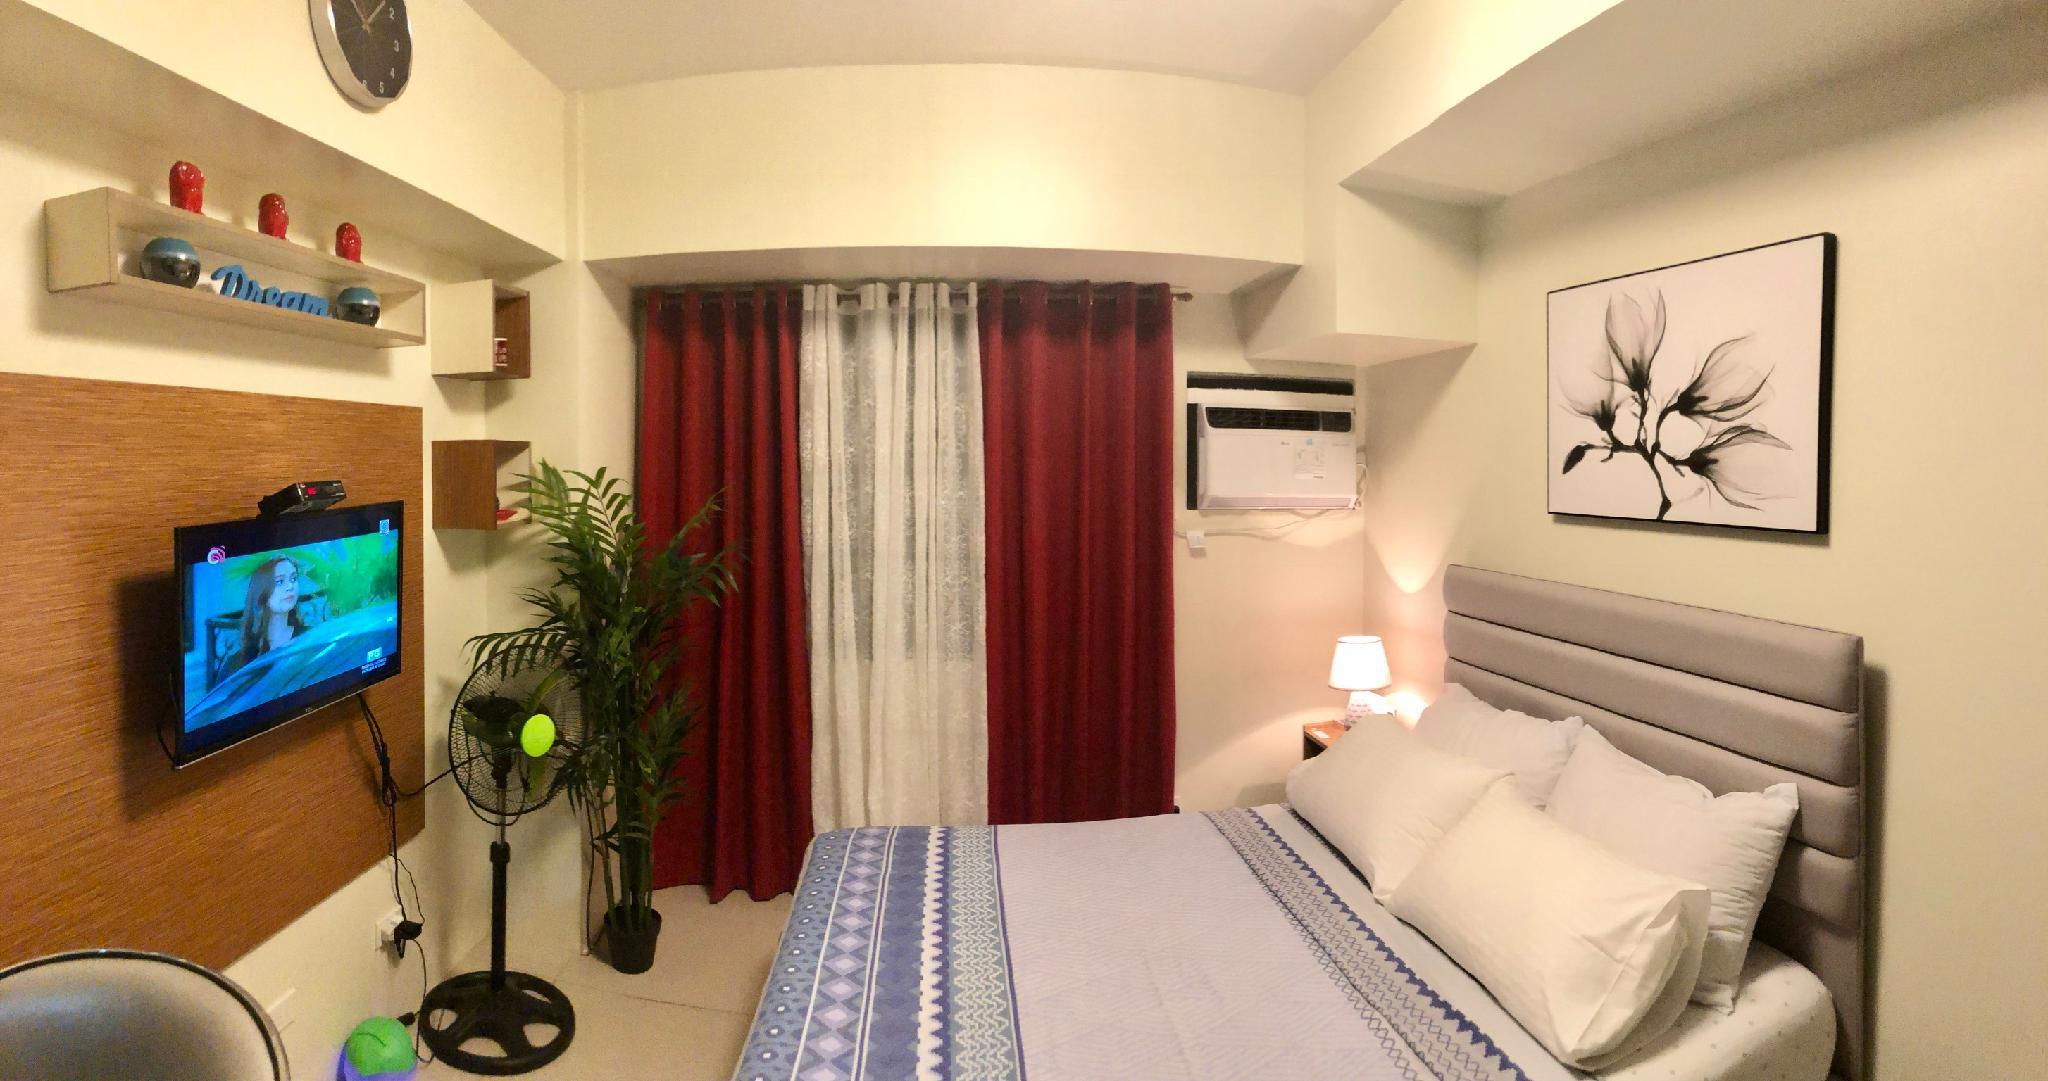 Cozy Condo Unit In Cebu City With Queen Size Bed